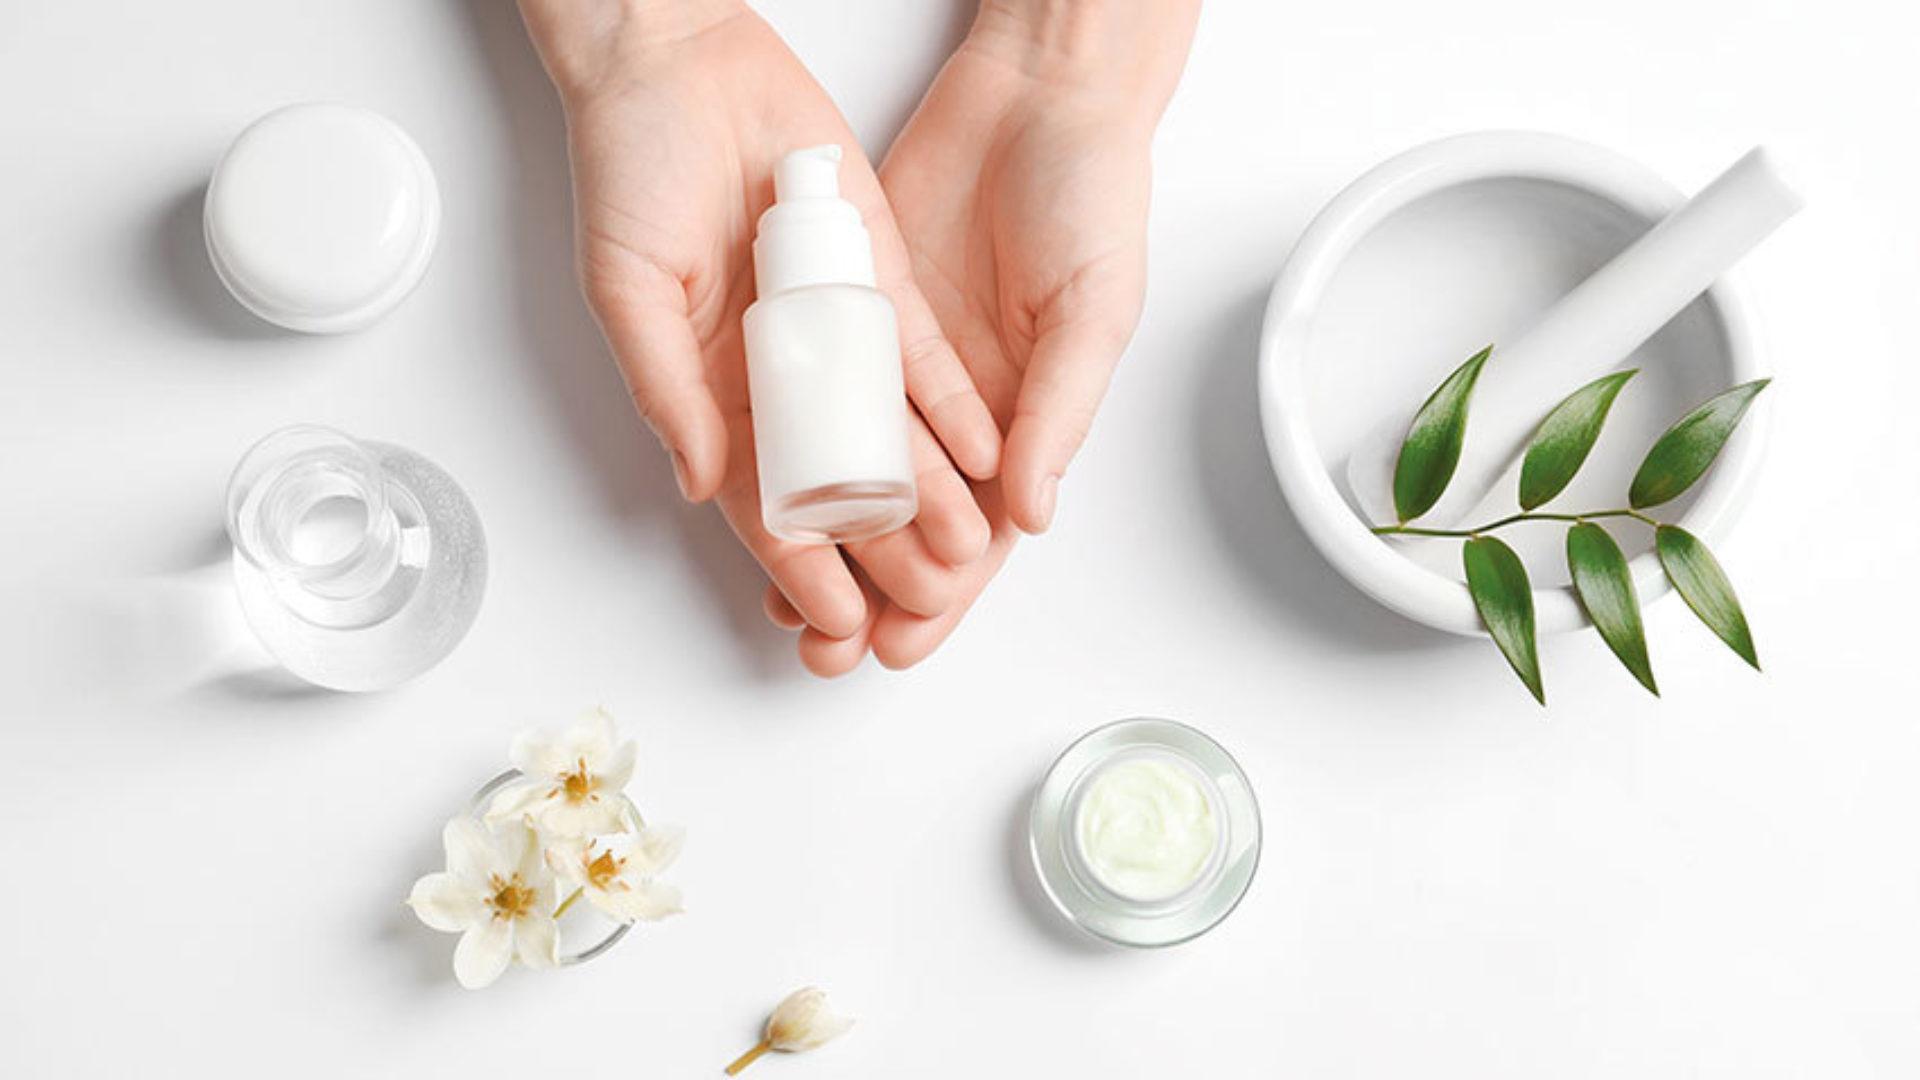 Groene cosmetica: een dankbaar alternatief in je badkamer